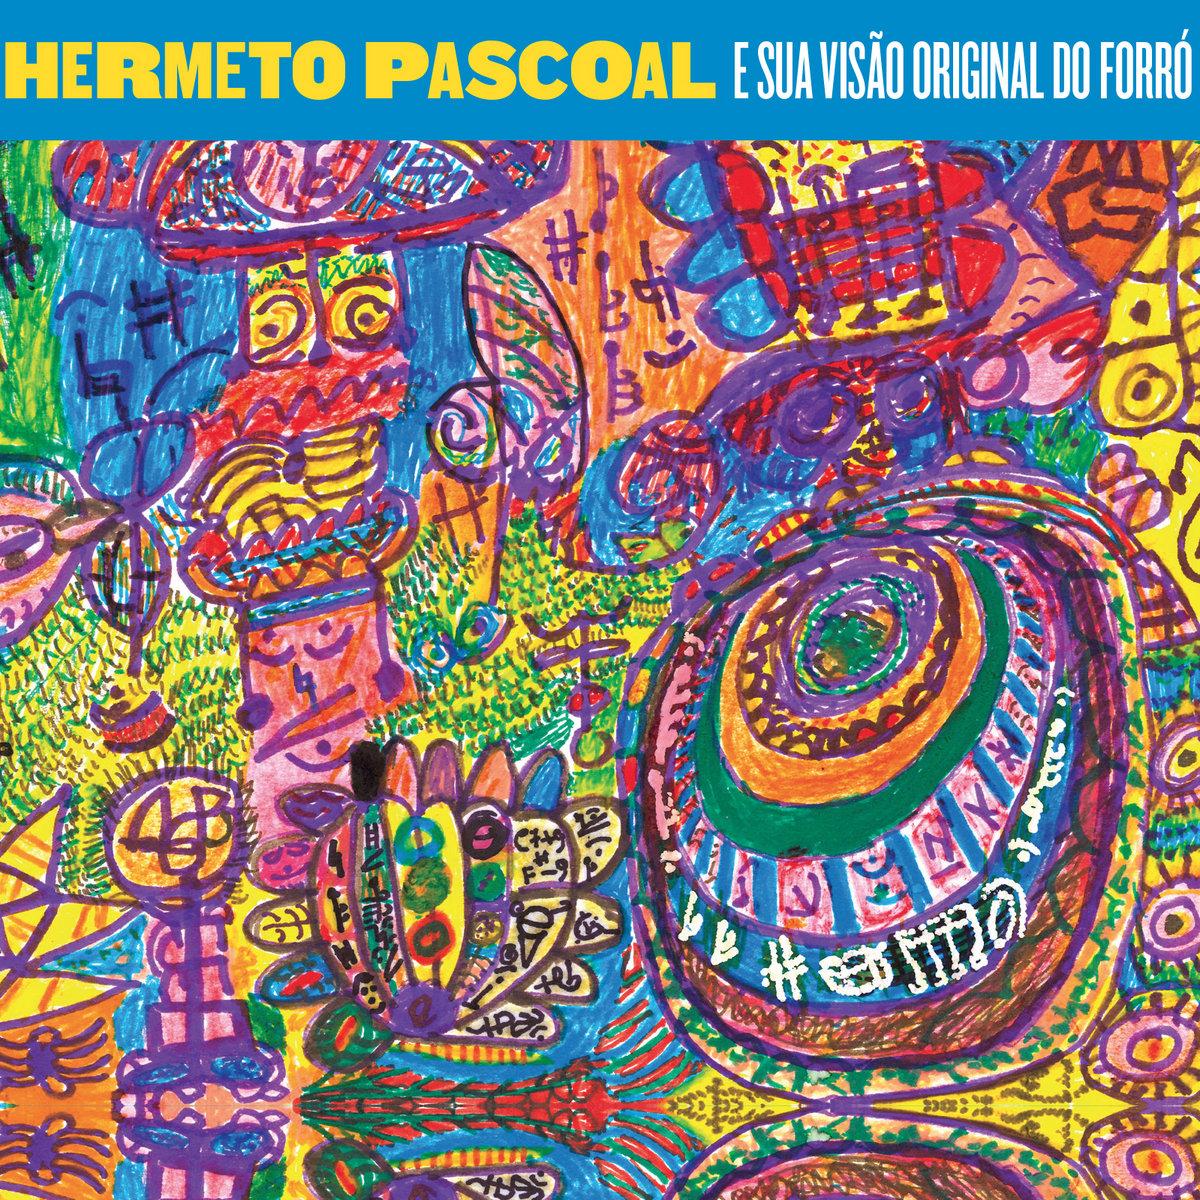 Resultado de imagem para Hermeto Pascoal - E Sua Visão Original do Forró